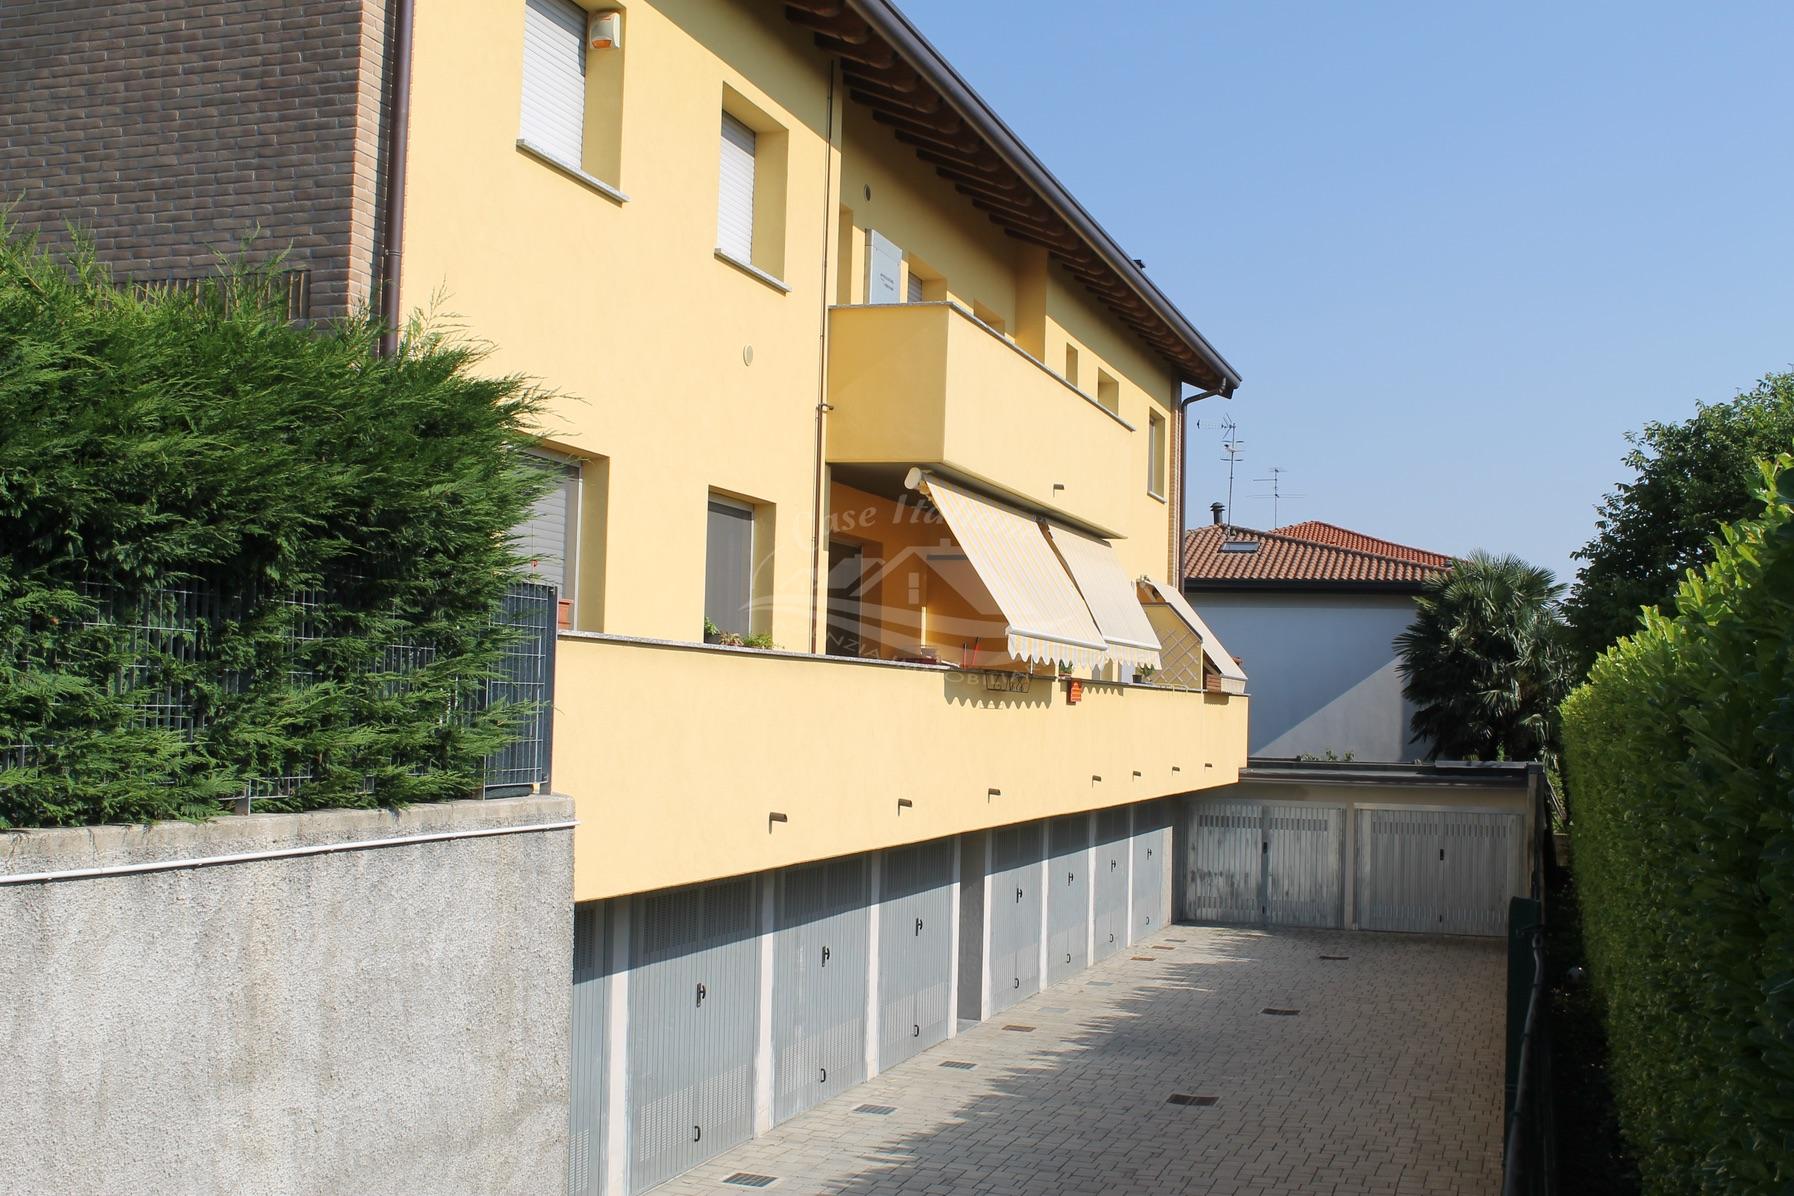 Img 7840 case italiane agenzia immobiliare cant for Case italiane immobiliare